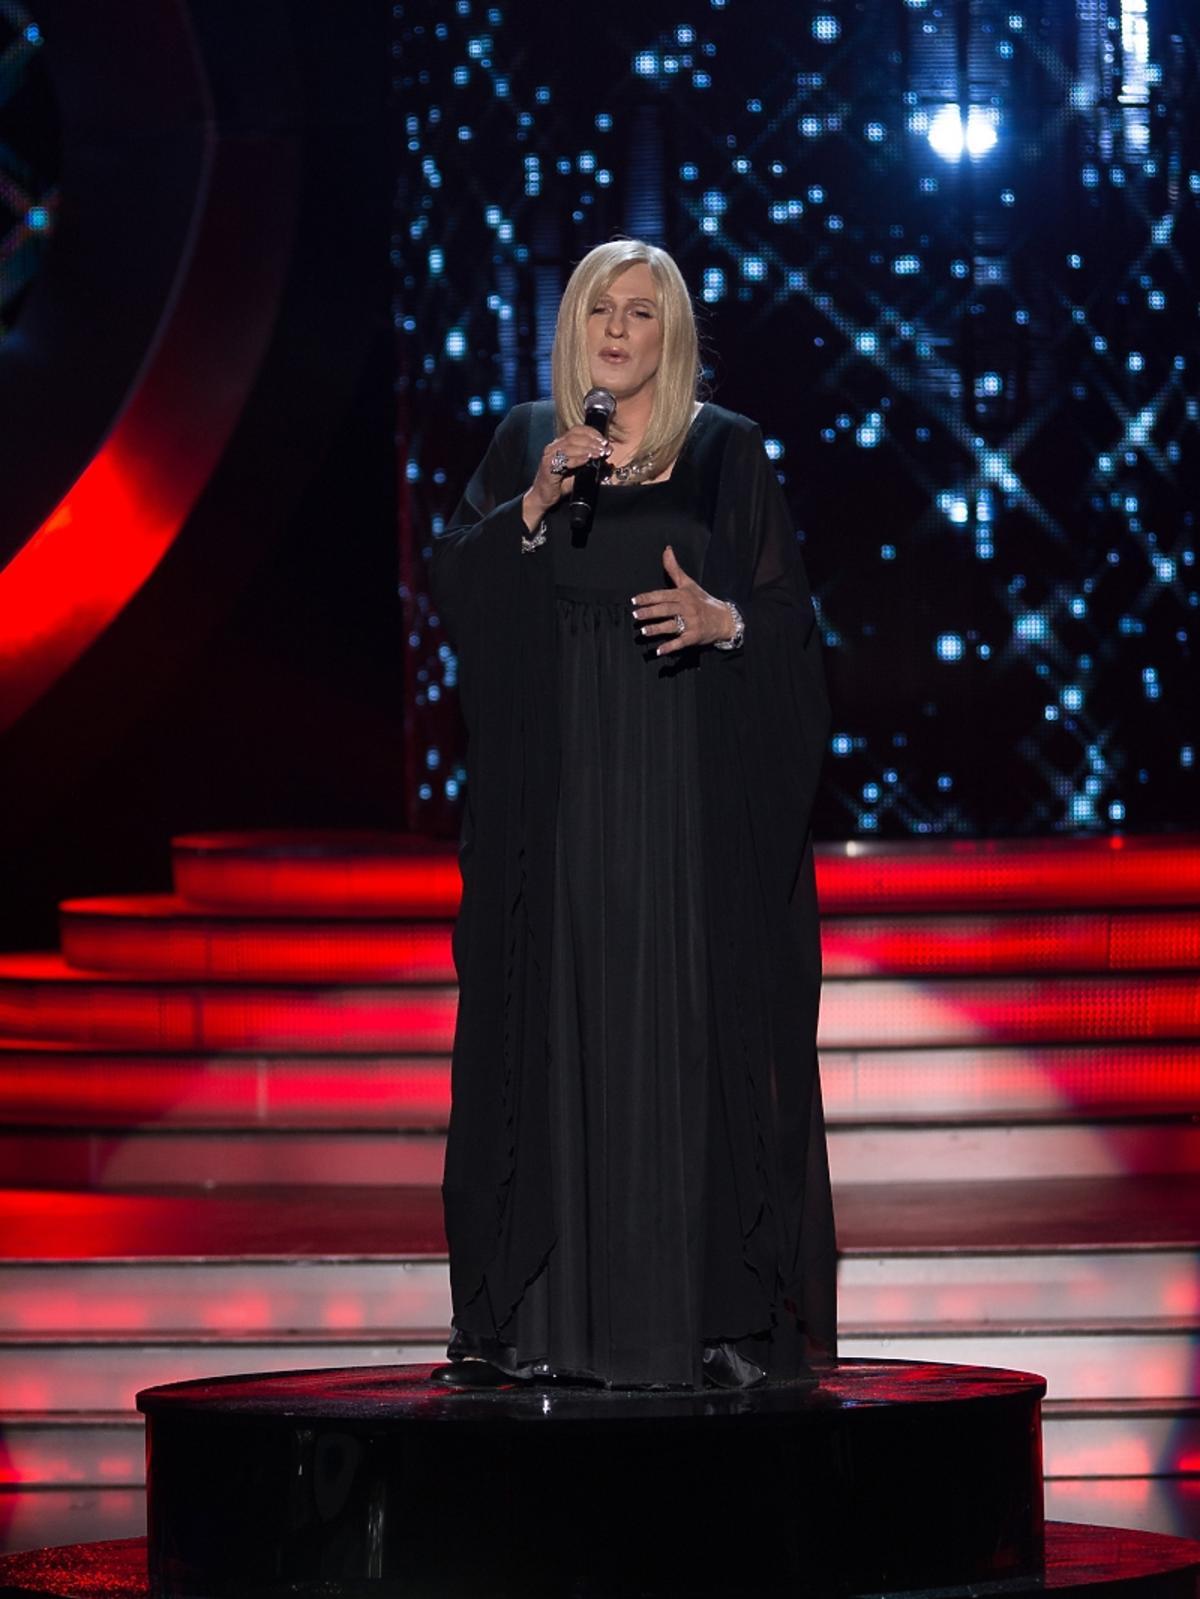 Blondynka w czarnej sukni